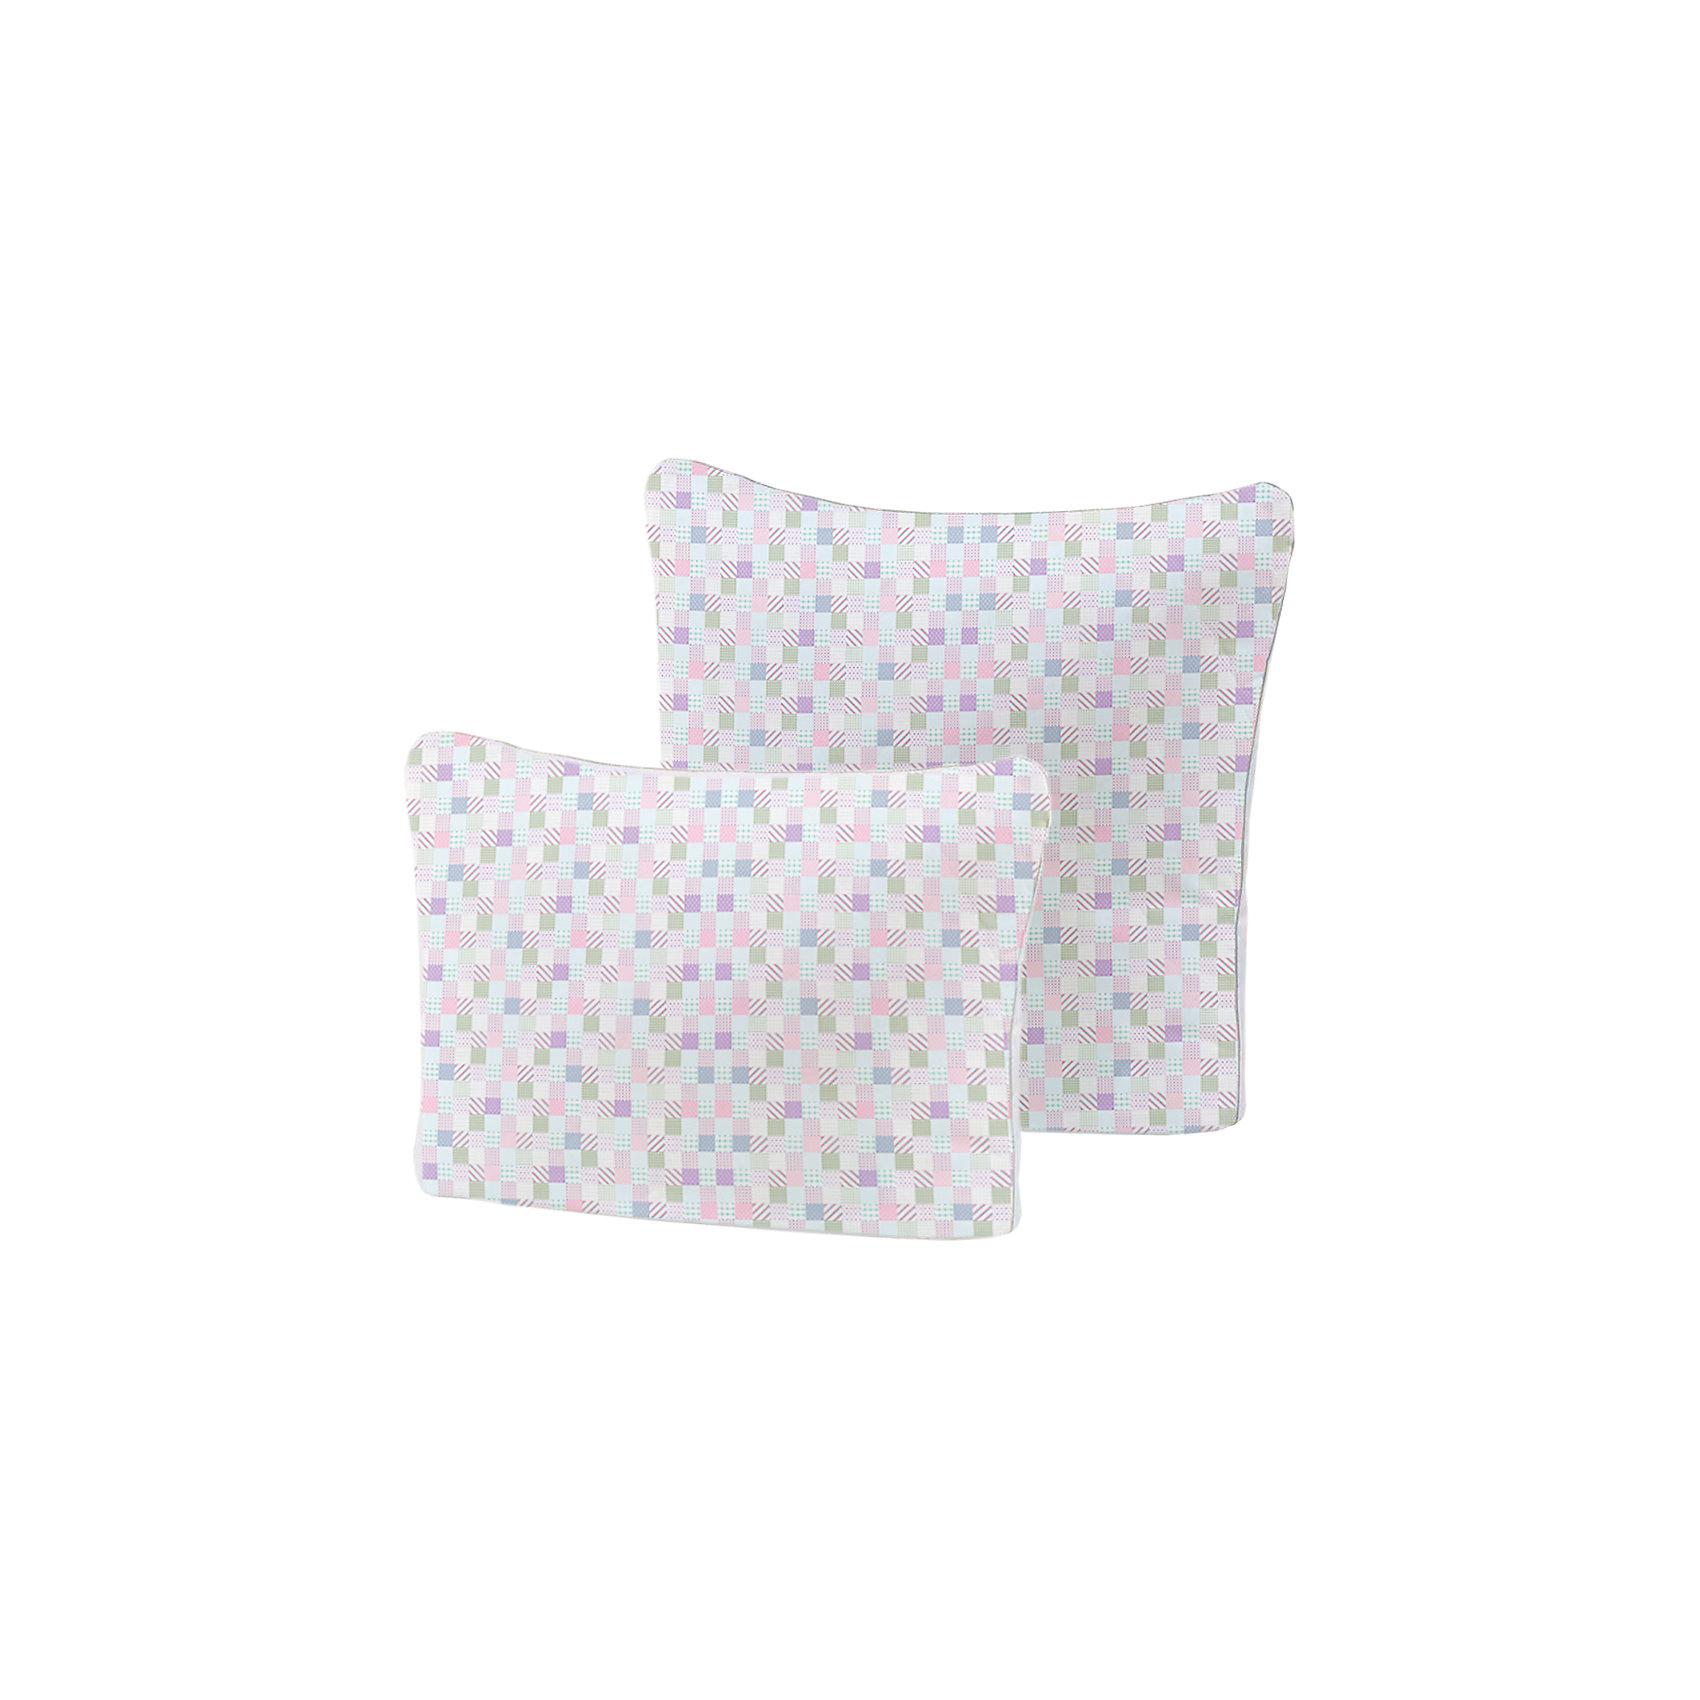 Подушка 50*70 Provence аромат Lavender, Mona LizaДомашний текстиль<br>Характеристики:<br><br>• в комплекте саше с ароматом лаванды<br>• размер подушки: 50х70 см<br>• стеганый чехол: термополотно (100% полиэстер)<br>• наполнитель: 100% полиэстер<br>• размер упаковки: 50х20х70 см<br>• вес: 1000 грамм<br><br>На подушке Provence  вы всегда сможете полноценно выспаться и отдохнуть с комфортом. Наполнитель из высокосиликонизированного волокна роялон обеспечивает подушке высокую упругость для полноценной поддержки шеи и головы. В комплект входит декоративное саше с ароматом лаванды. Он окутает спальню приятным ароматом, внося гармонию и уют в атмосферу комнаты.<br><br>Подушку 50*70 Provence аромат Lavender, Mona Liza (Мона Лиза) вы можете купить в нашем интернет-магазине.<br><br>Ширина мм: 700<br>Глубина мм: 200<br>Высота мм: 500<br>Вес г: 1000<br>Возраст от месяцев: 84<br>Возраст до месяцев: 600<br>Пол: Унисекс<br>Возраст: Детский<br>SKU: 6765312